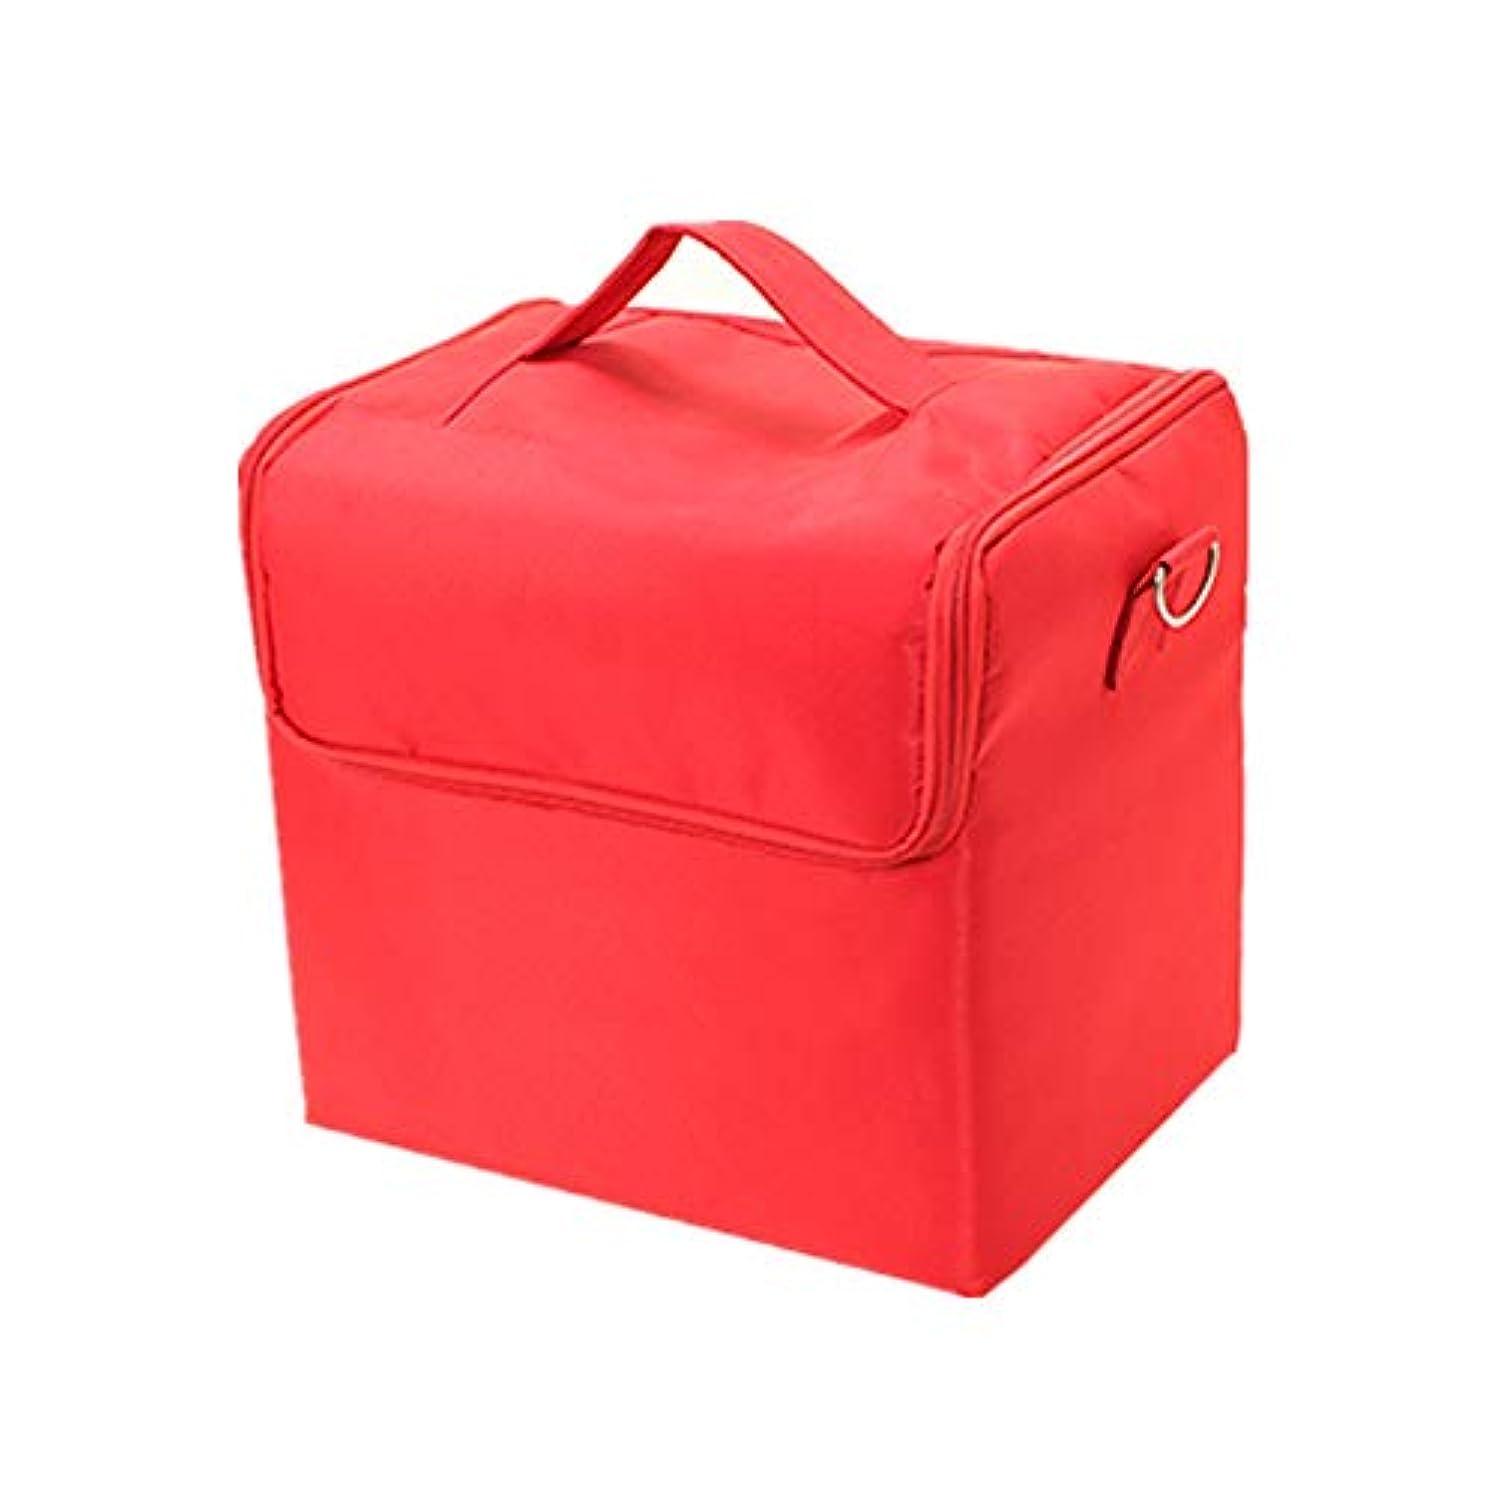 定数補充動機付ける化粧オーガナイザーバッグ 純粋な色のカジュアルポータ??ブル化粧品バッグ美容メイクアップとトラベルで旅行 化粧品ケース